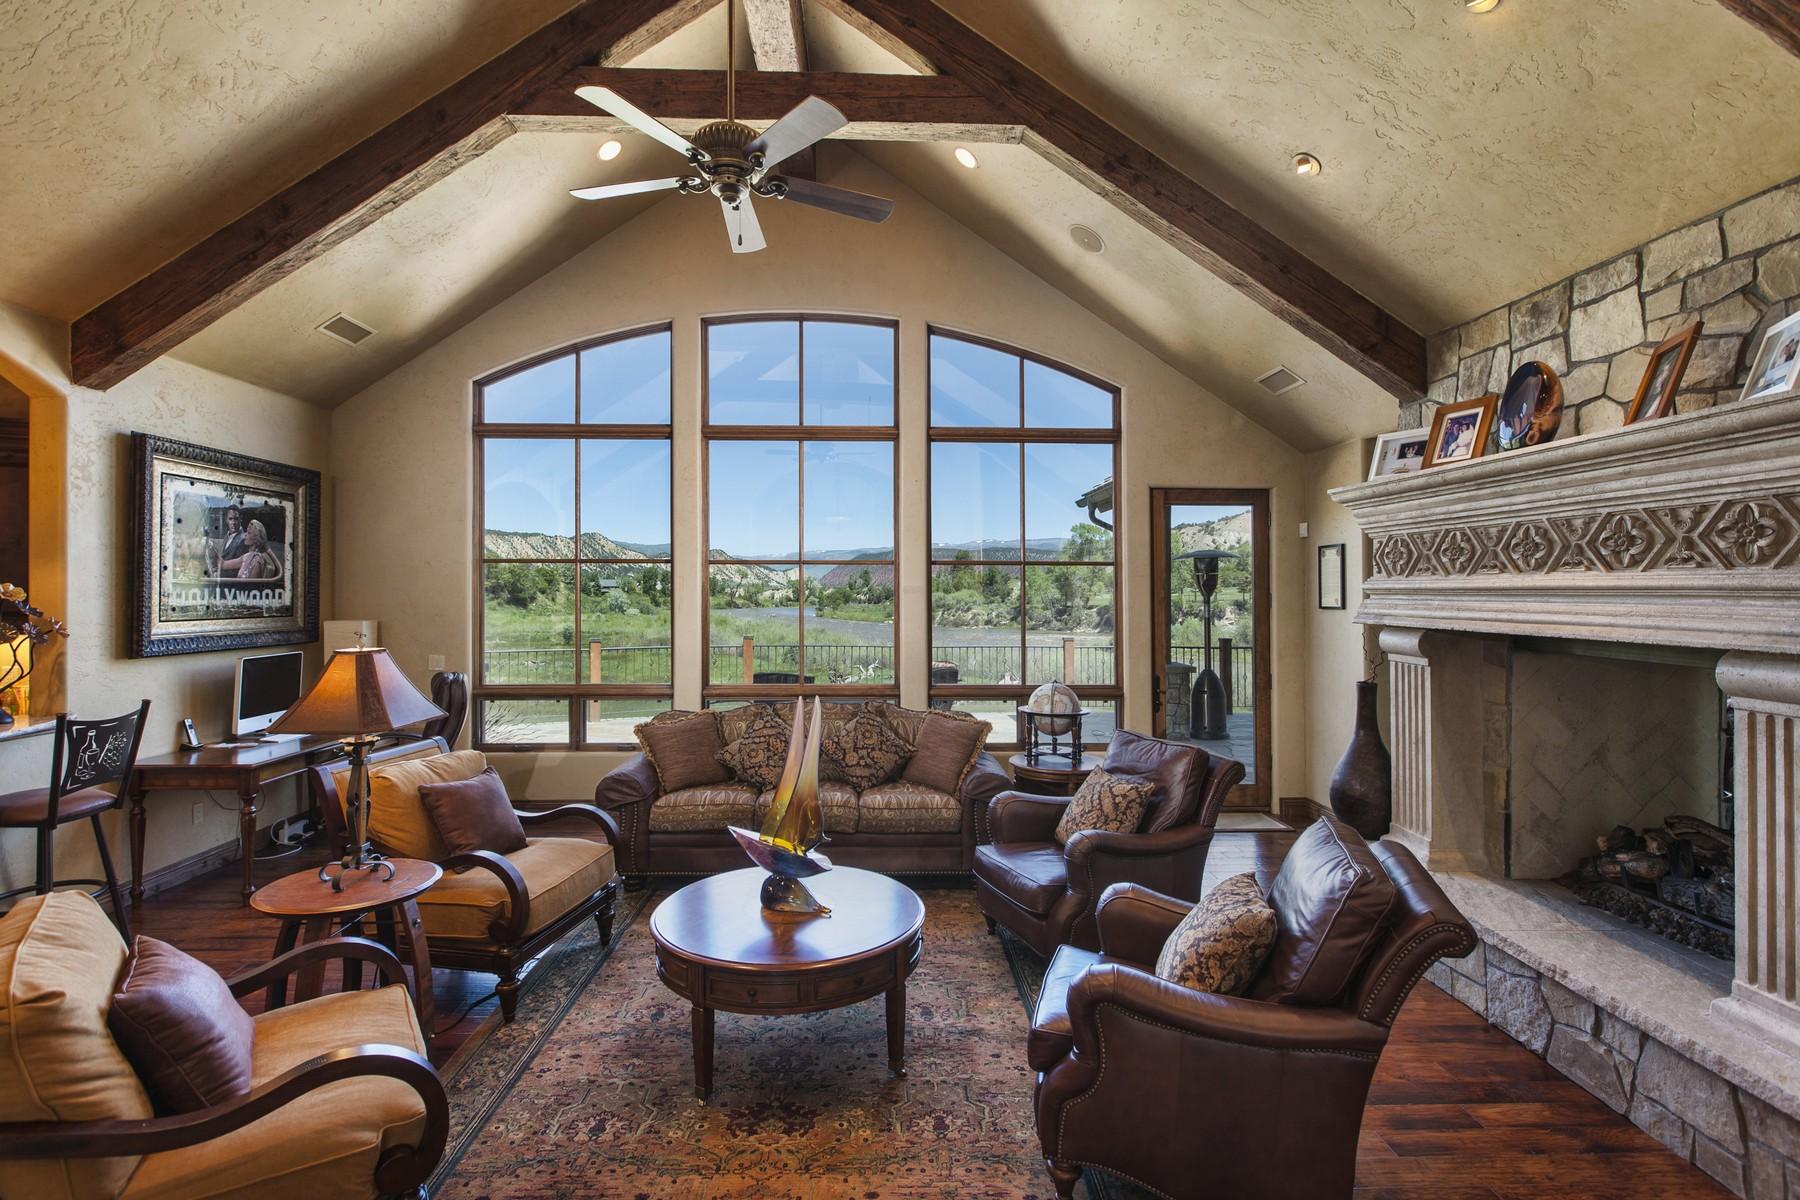 Residencial - Outro para Venda às Amazing Riverfront Location 160 River Glen Carbondale, Colorado 81623 Estados Unidos